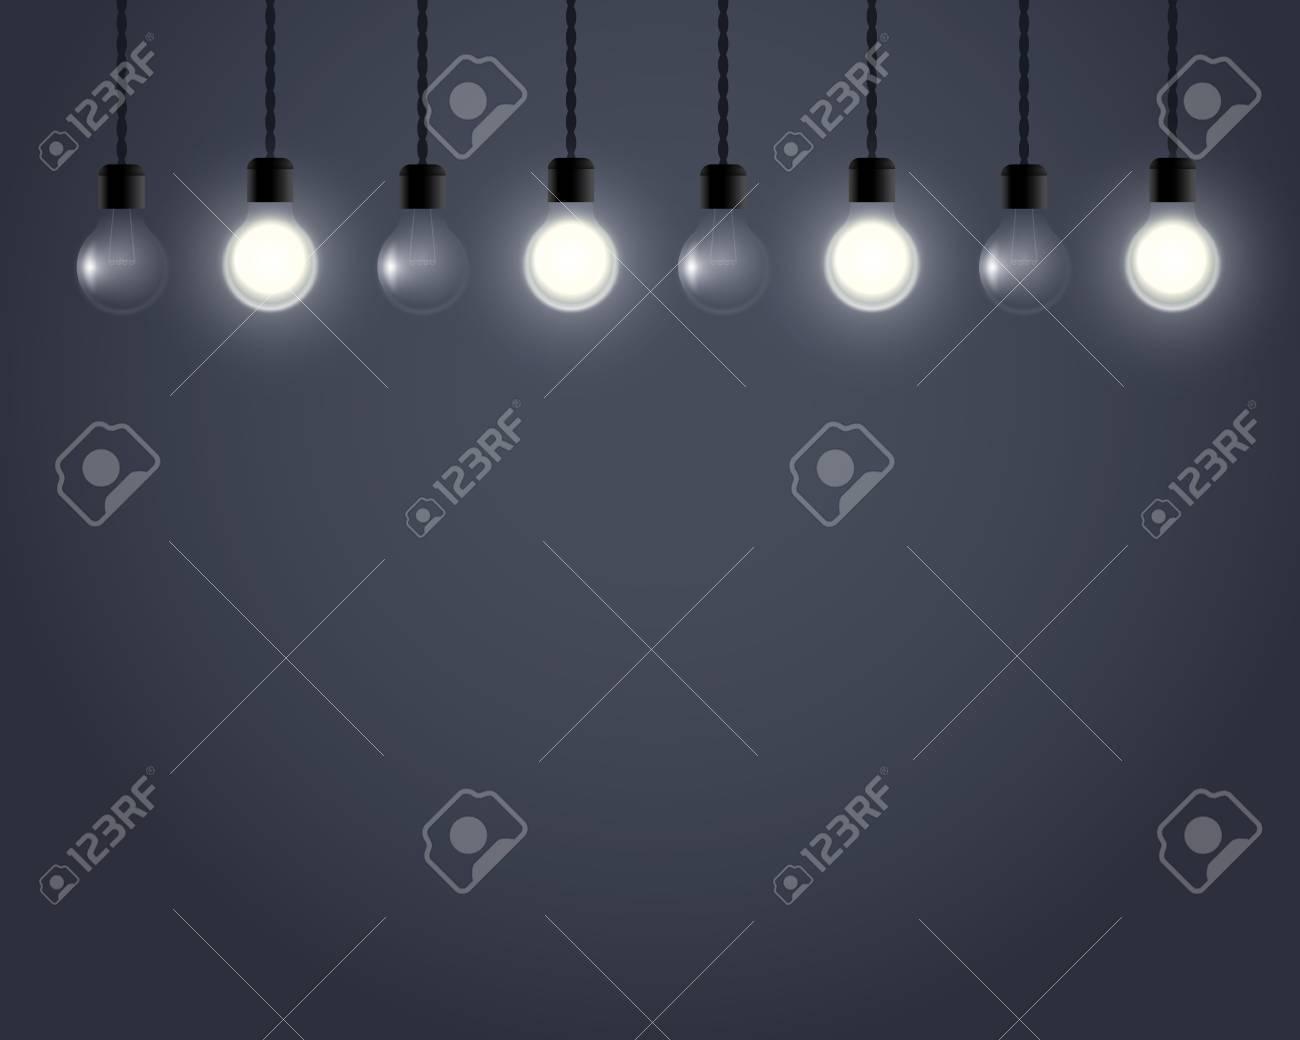 Schön Draht Für Lichter Ideen - Elektrische Schaltplan-Ideen ...